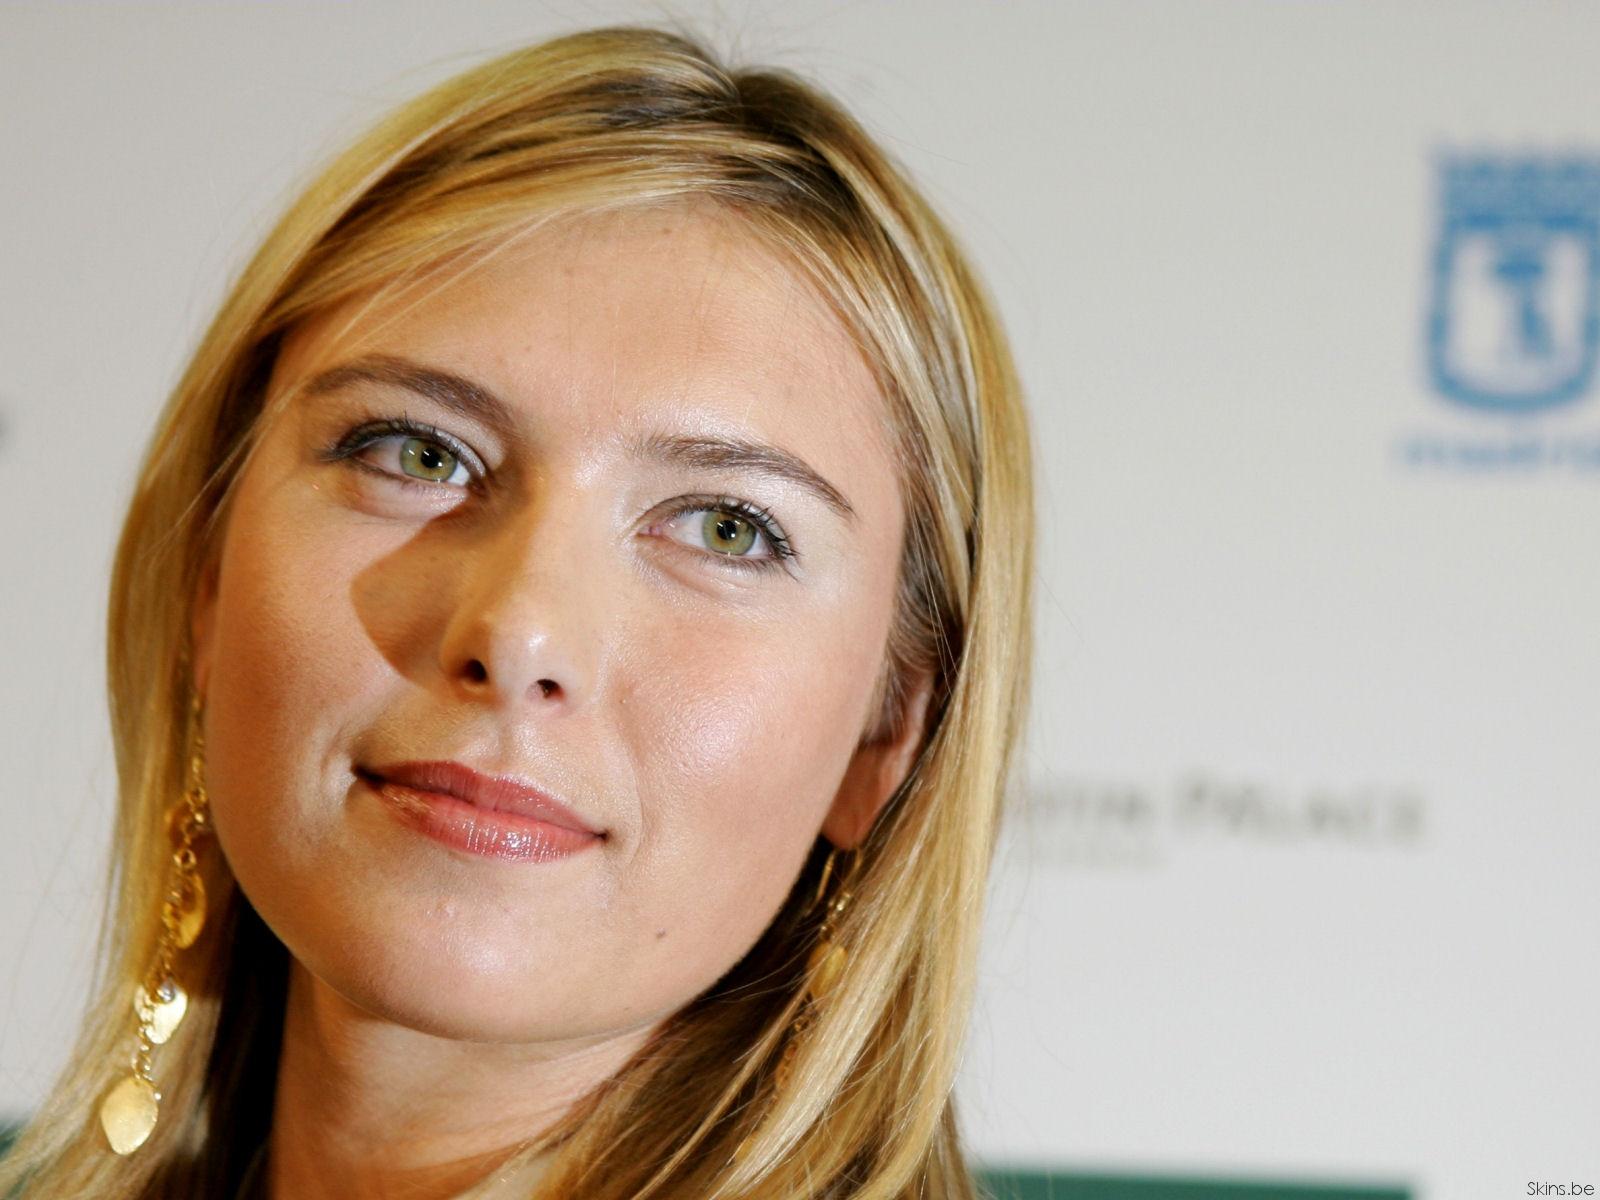 http://2.bp.blogspot.com/-6Cd2HmstTL8/TZhOwG4hVeI/AAAAAAAABKw/y0ujyZTJIlA/s1600/Maria+Sharapova+%252814%2529.jpg